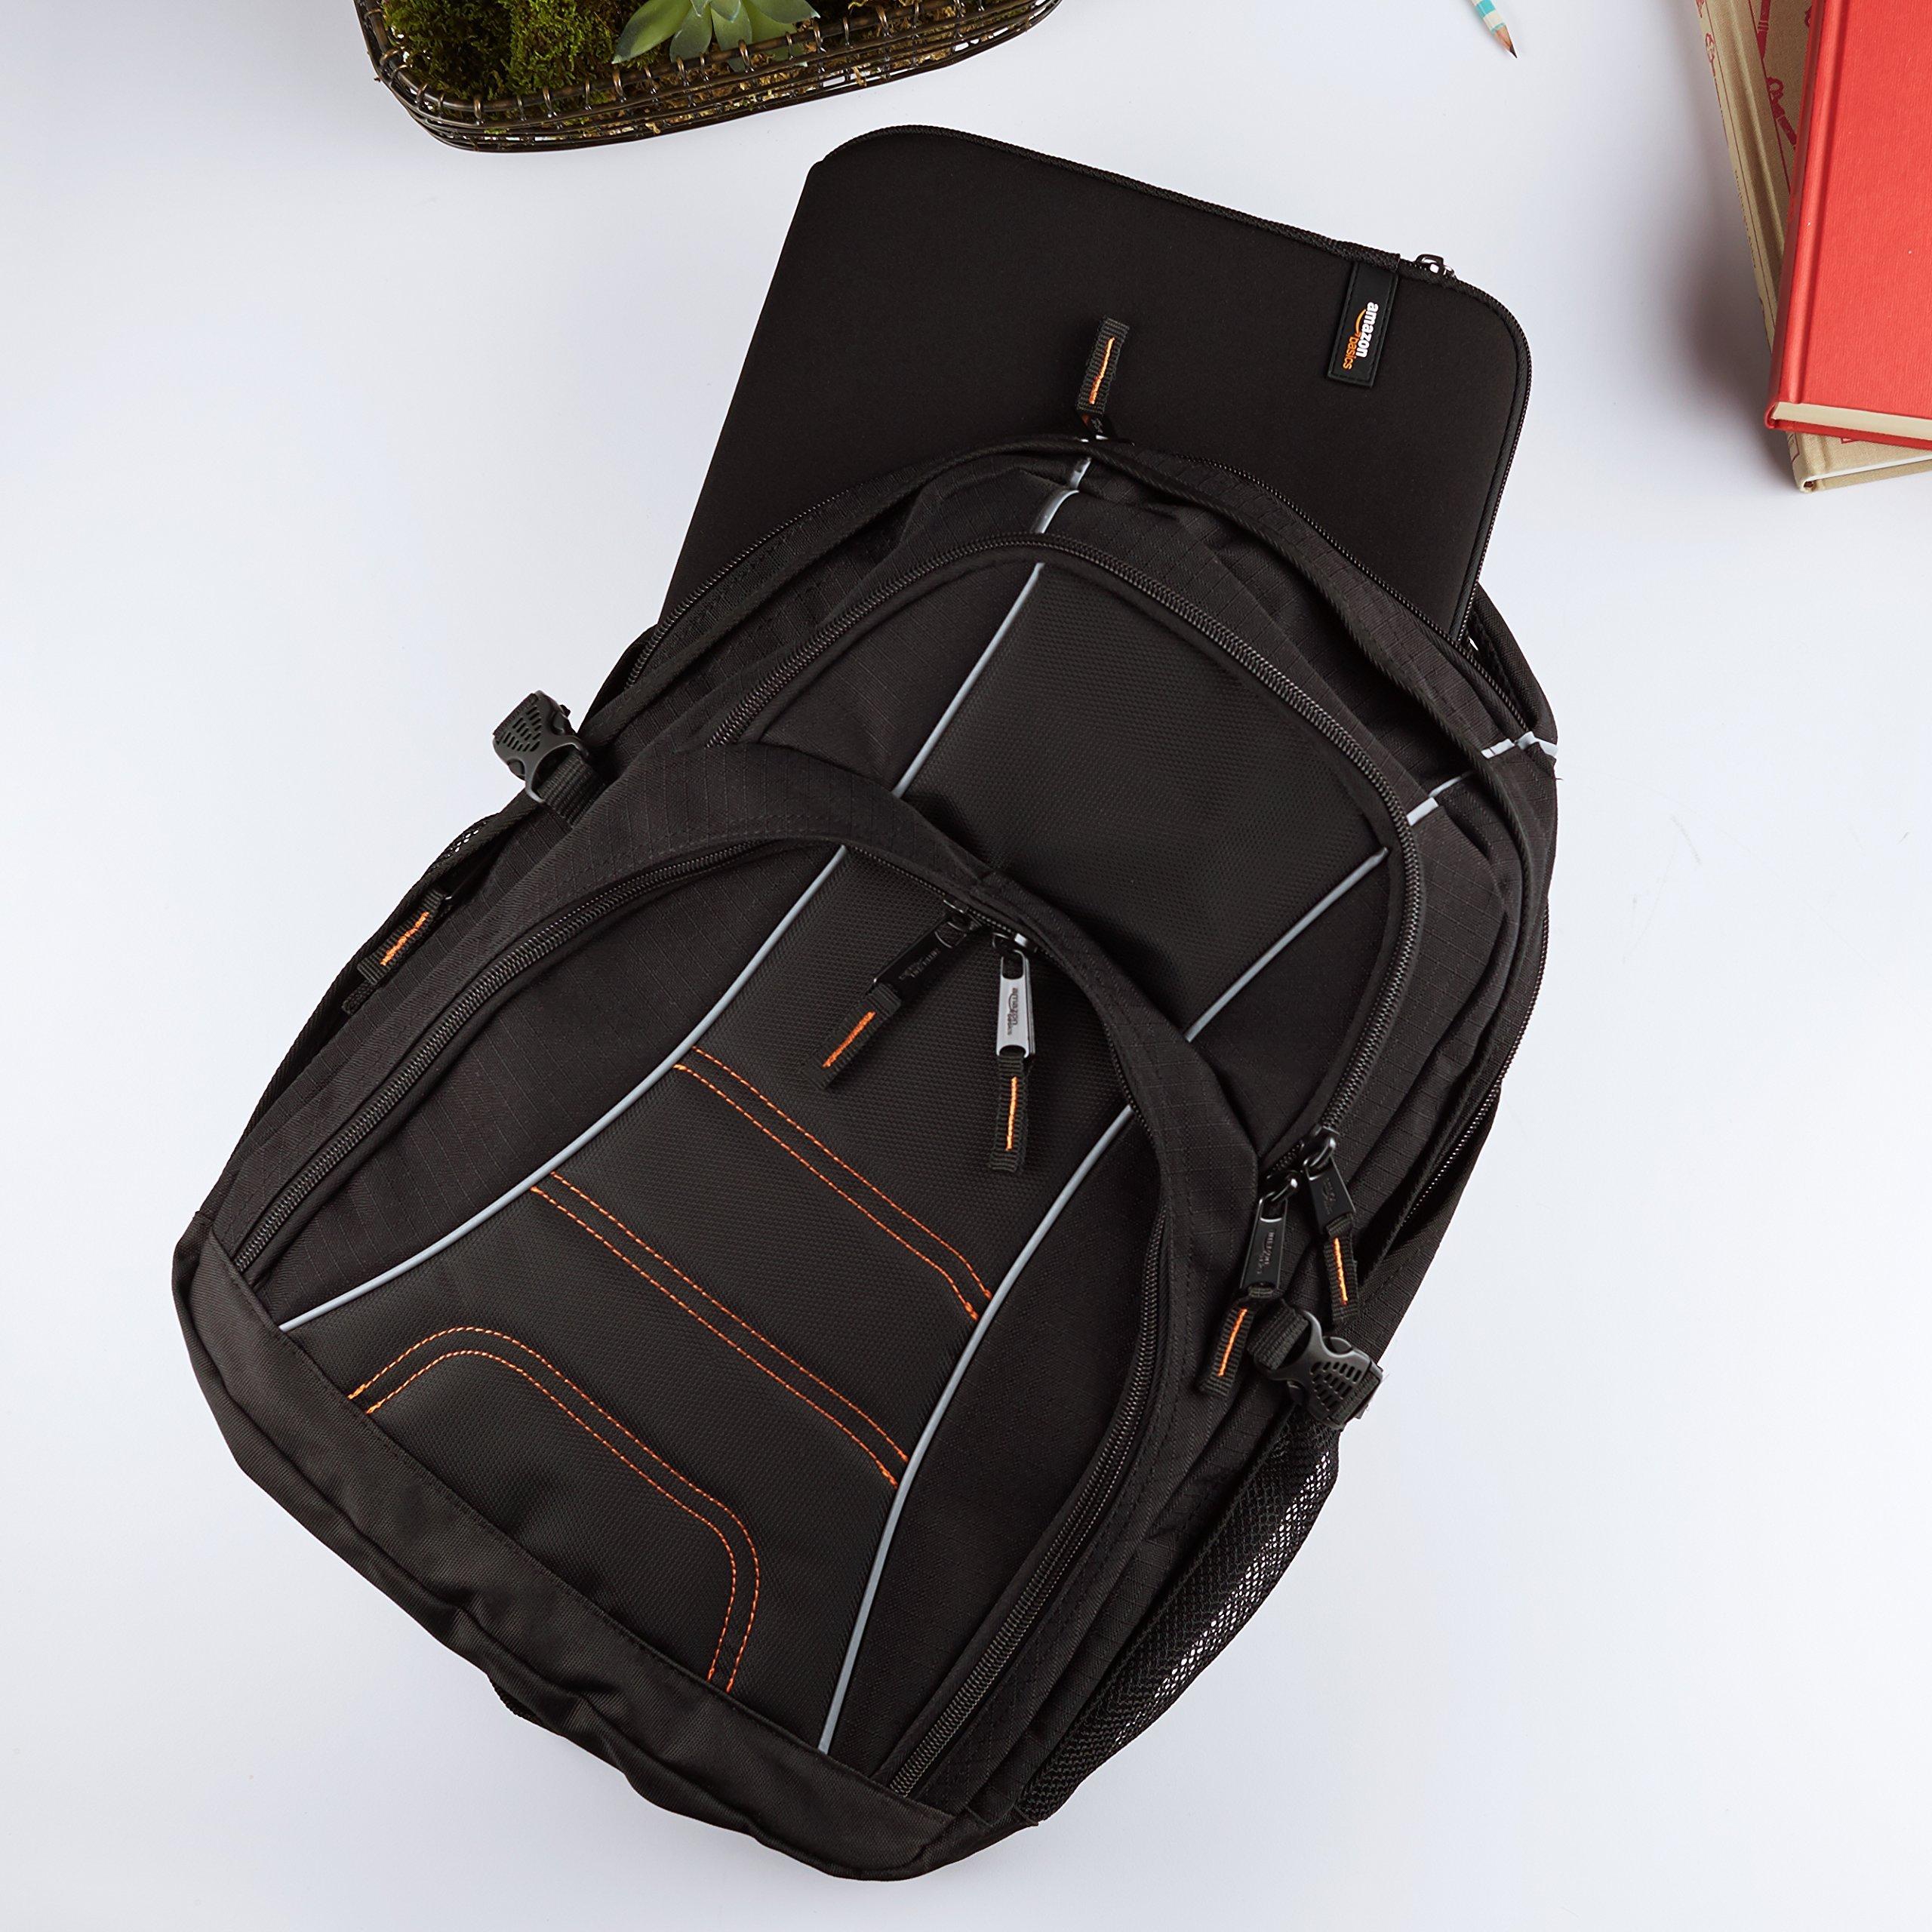 AmazonBasics Backpack for Laptops up to 17-inches by AmazonBasics (Image #2)